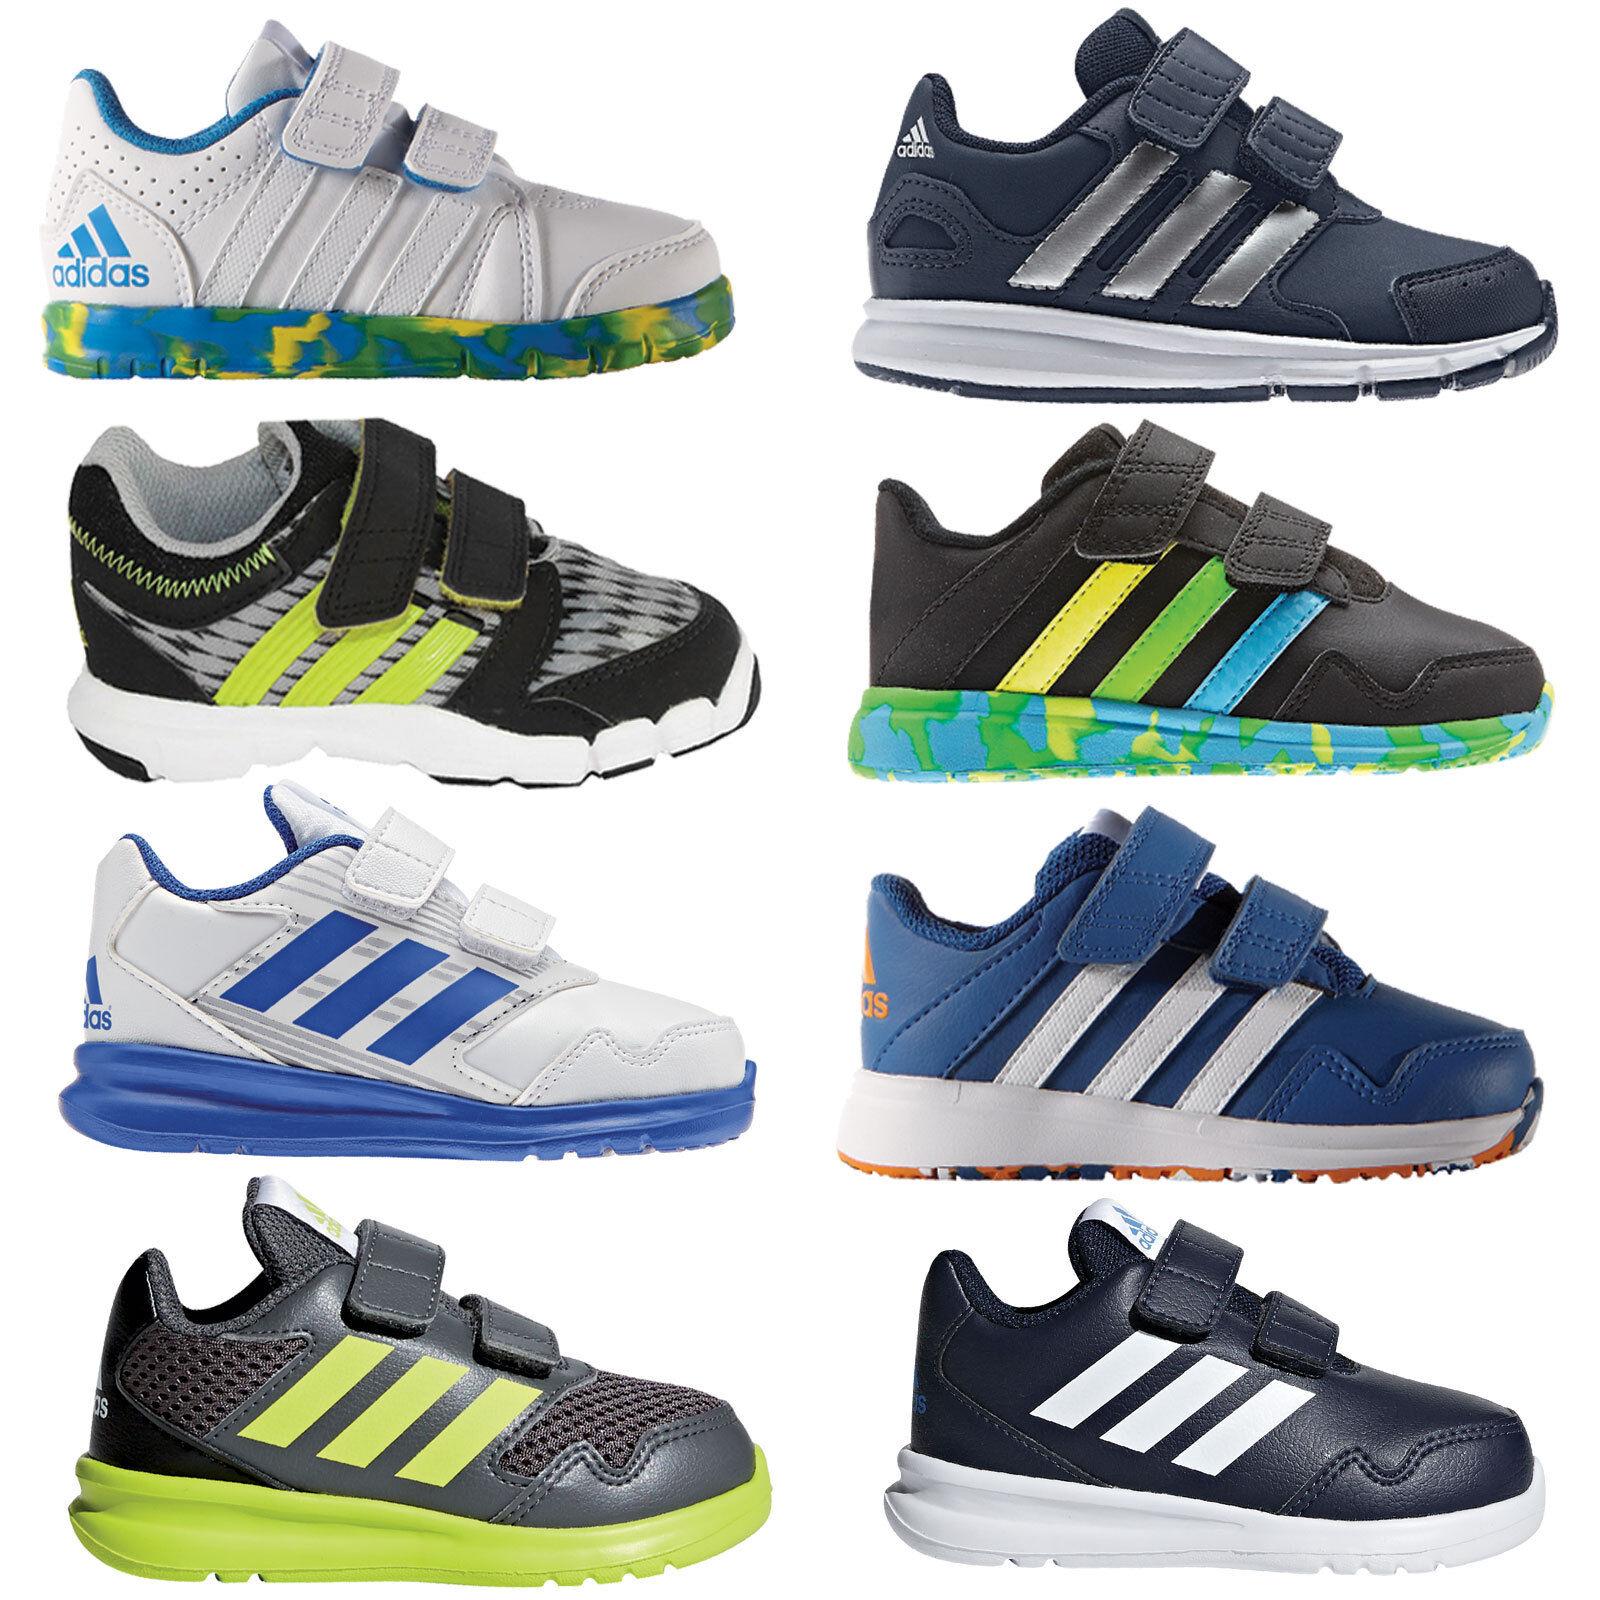 cheap for discount 392eb be4de Turnschuhe 23 Jungen Adidas Test Vergleich +++ Turnschuhe 23 ...